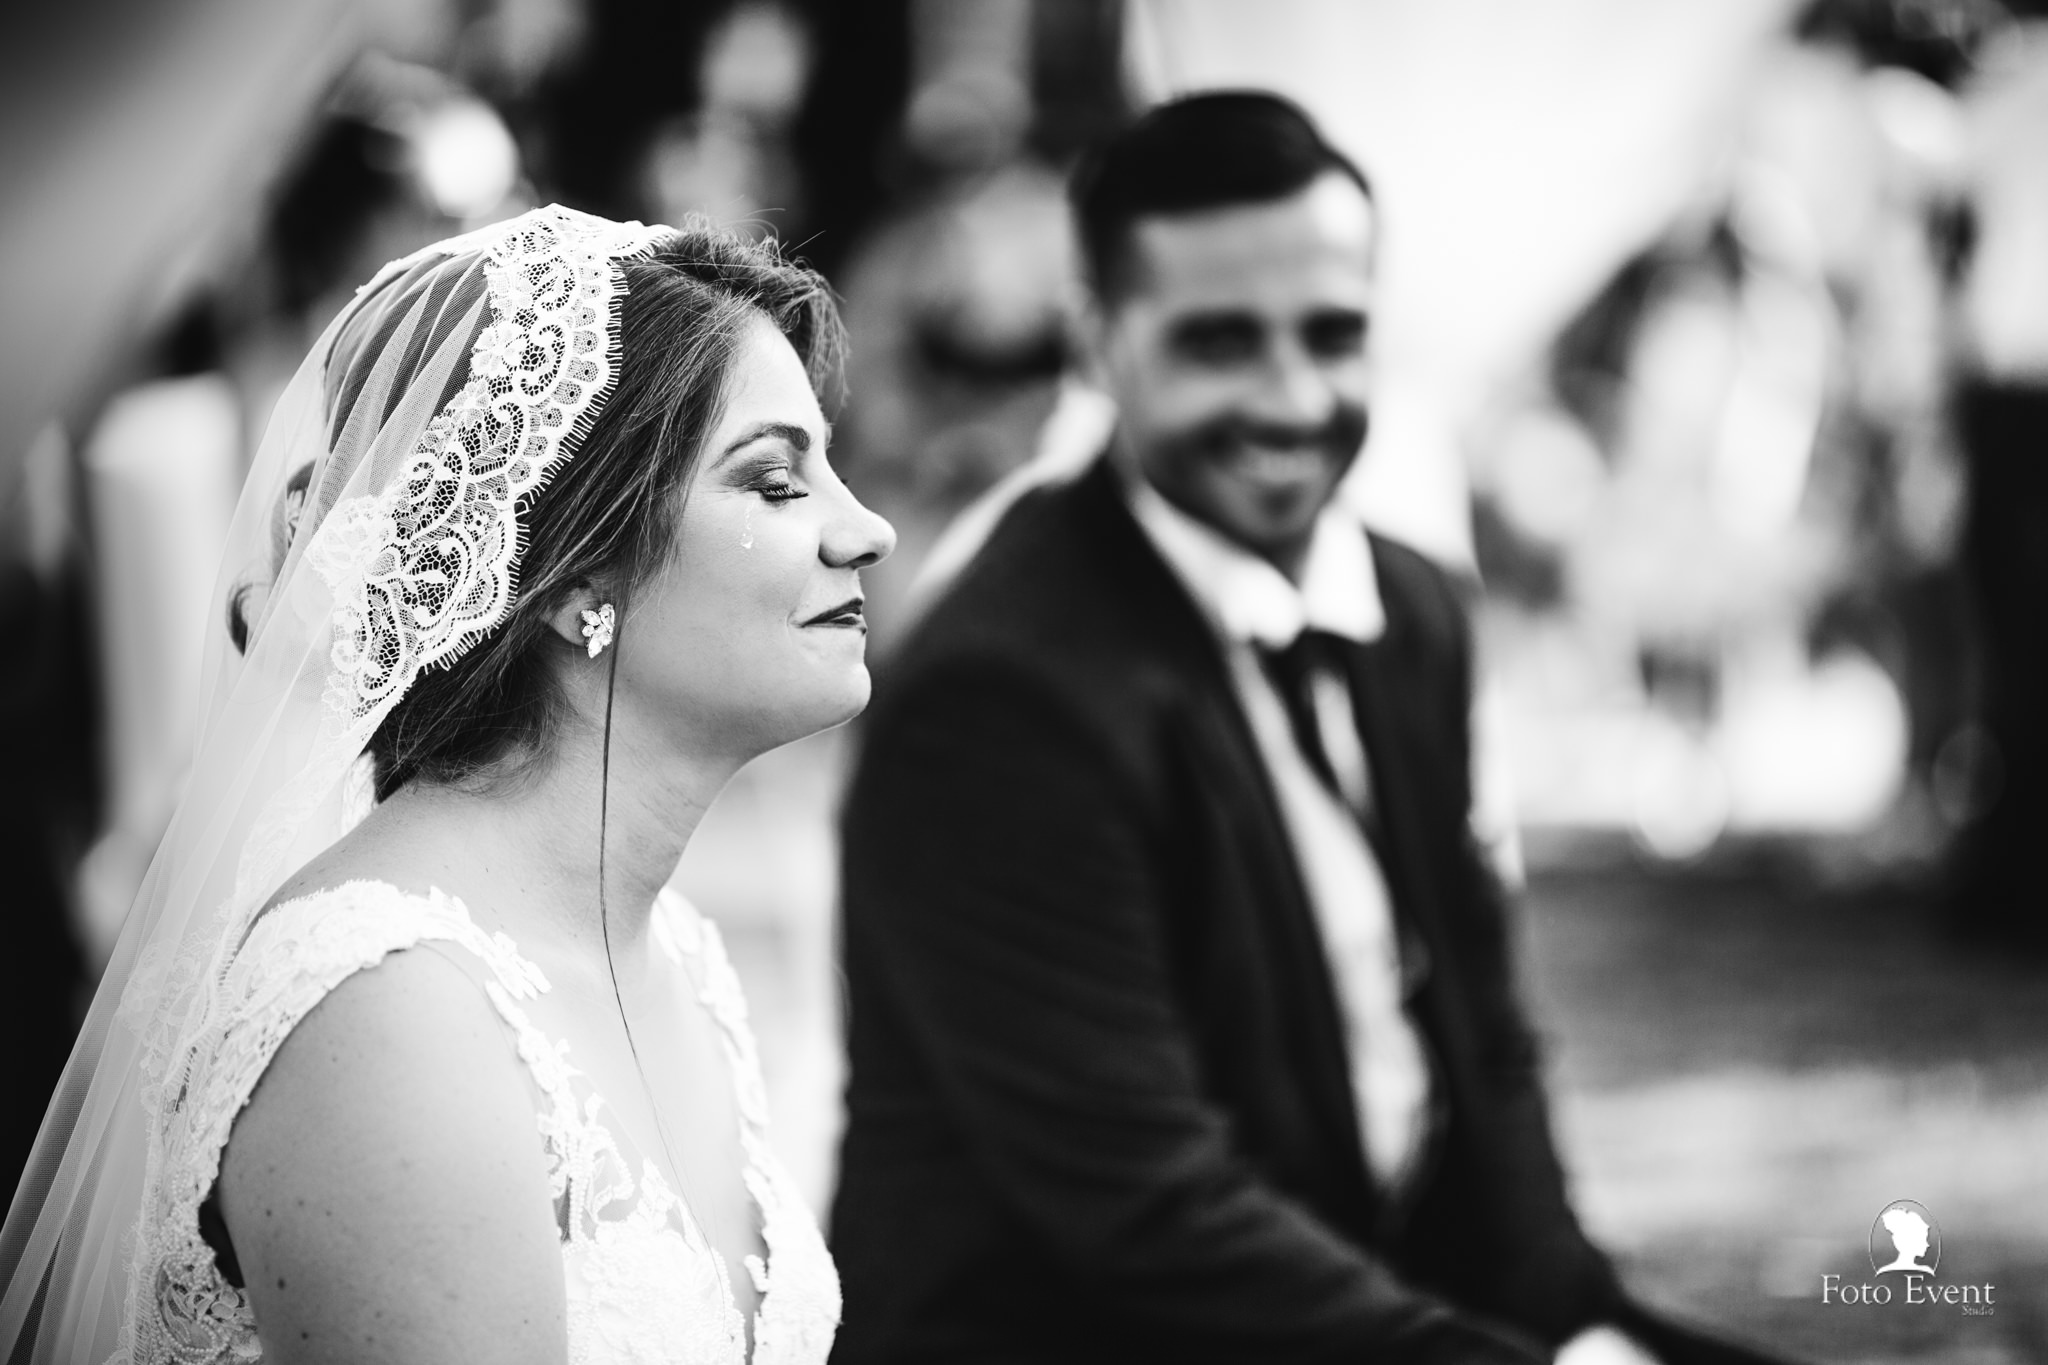 025-2019-06-12-Matrimonio-Rosa-e-Angelo-Ripellino-85mm-238